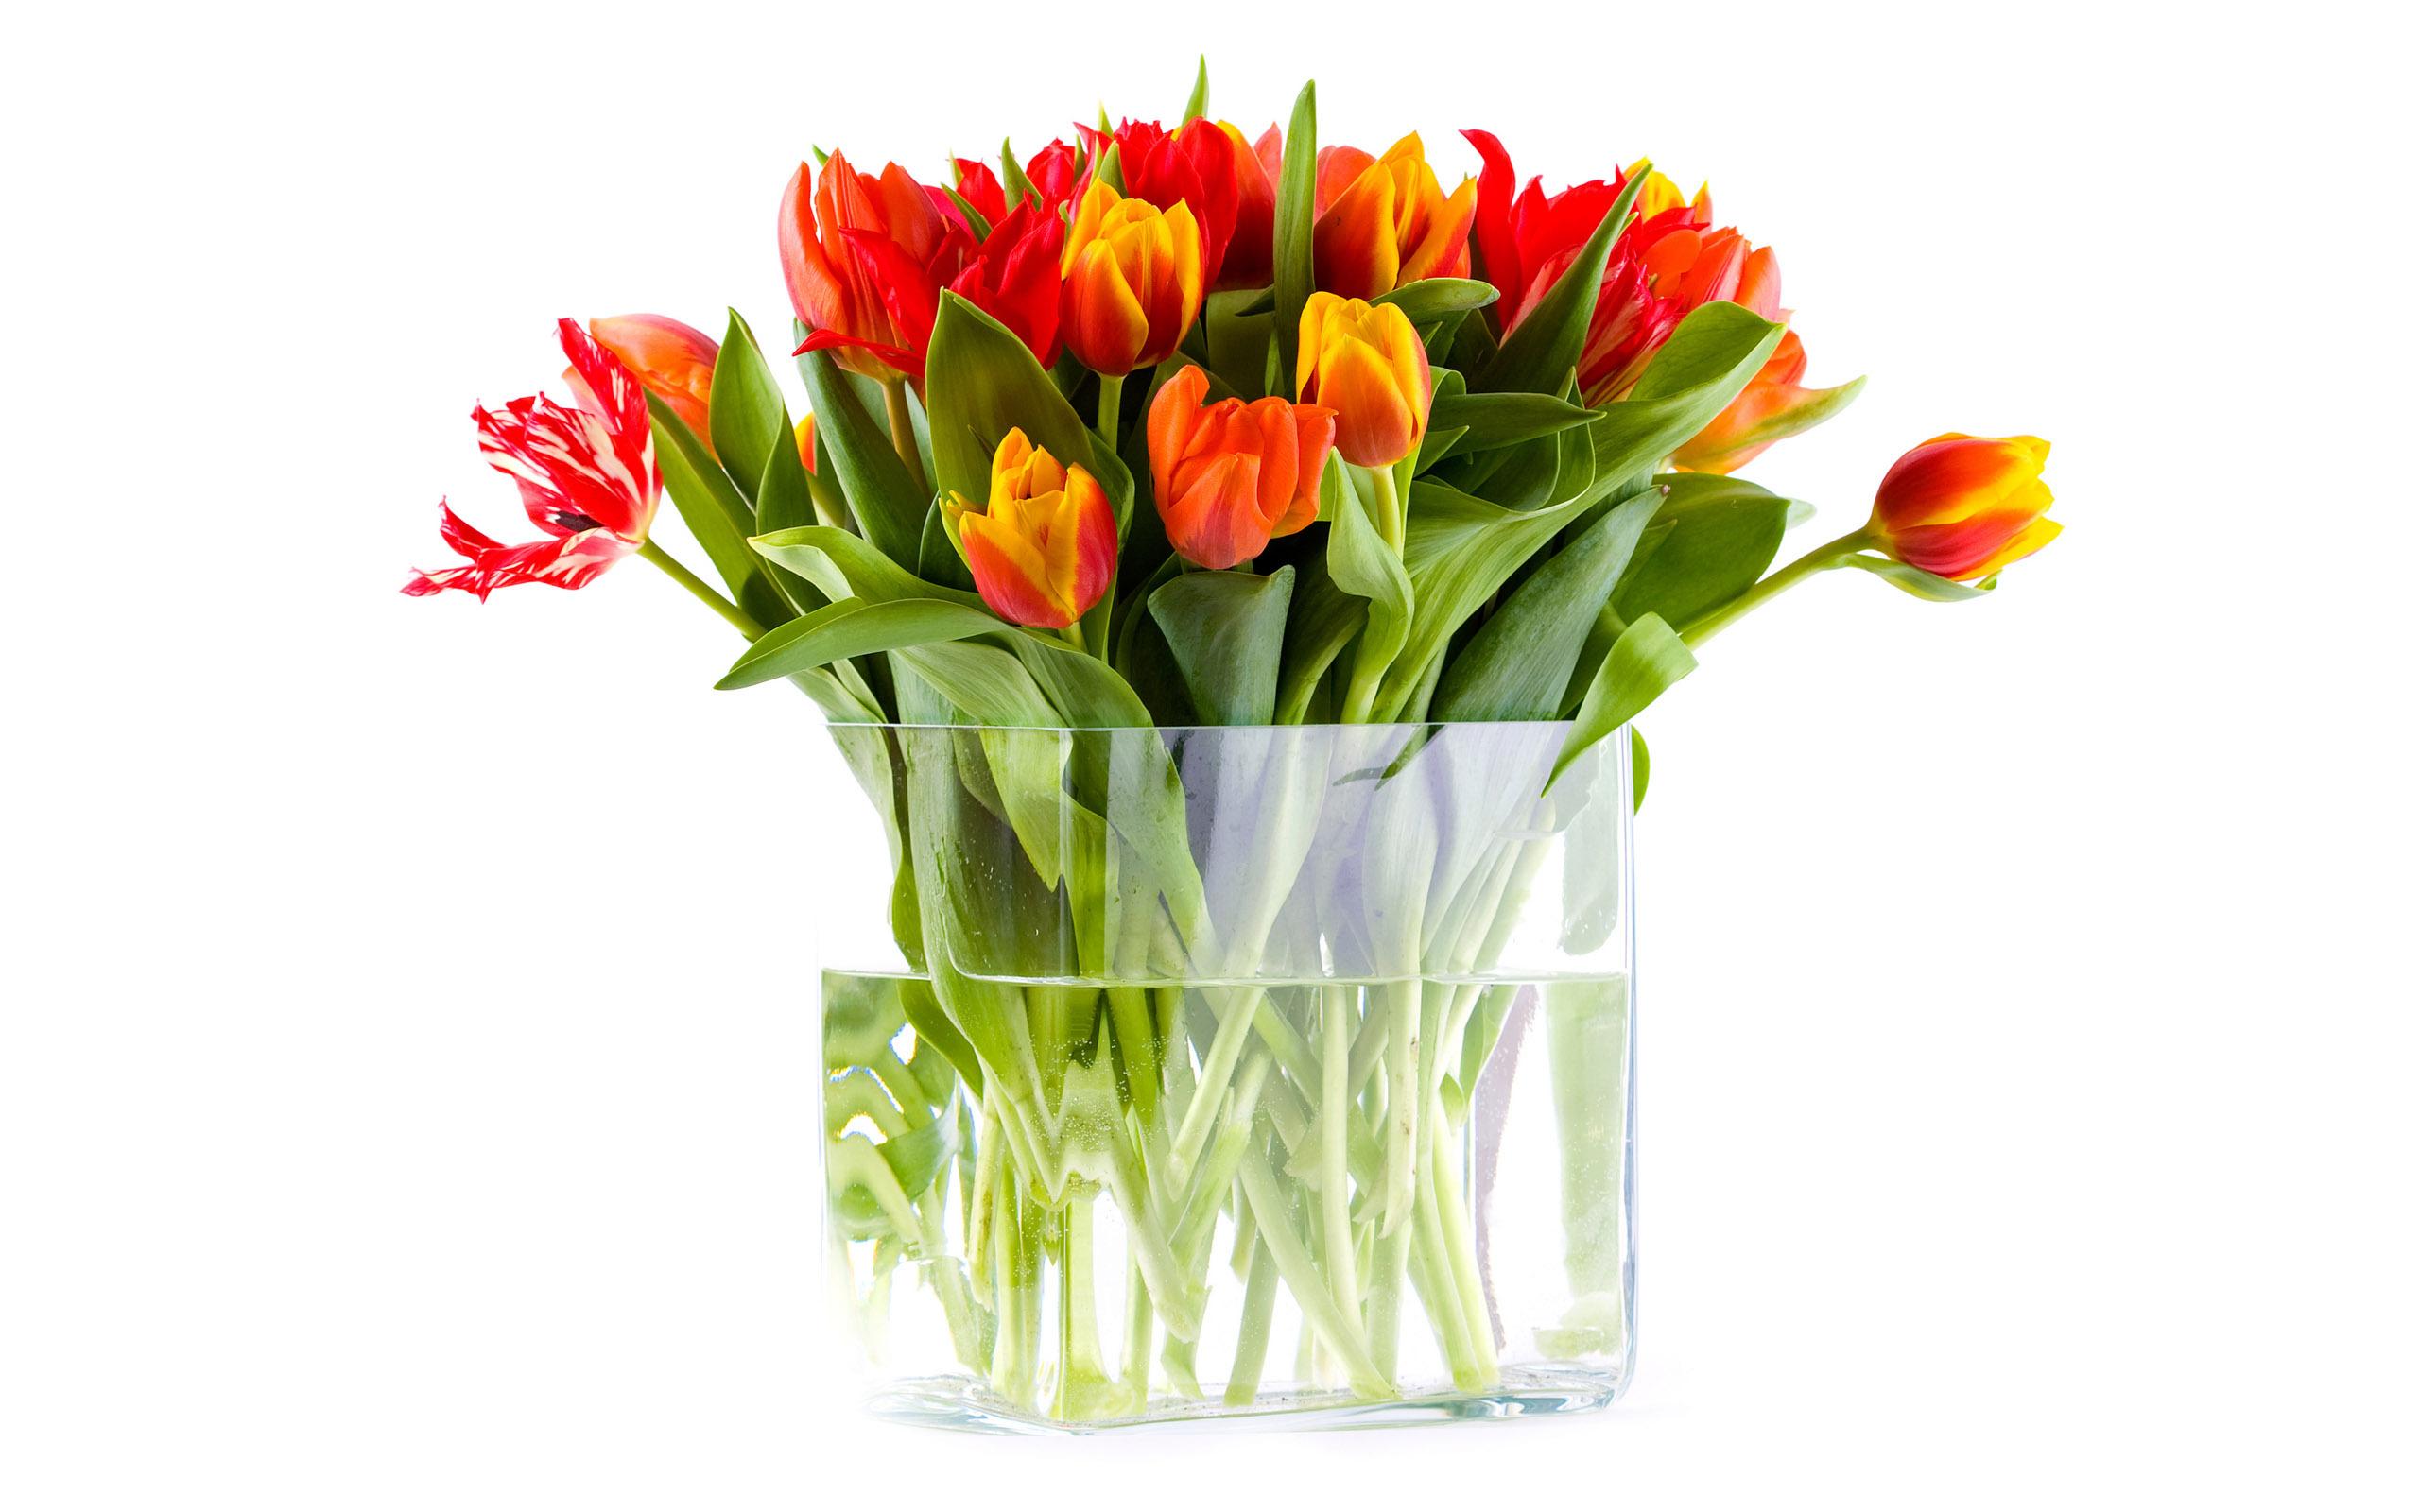 vaza-voda-cvety-buket-tyulpany